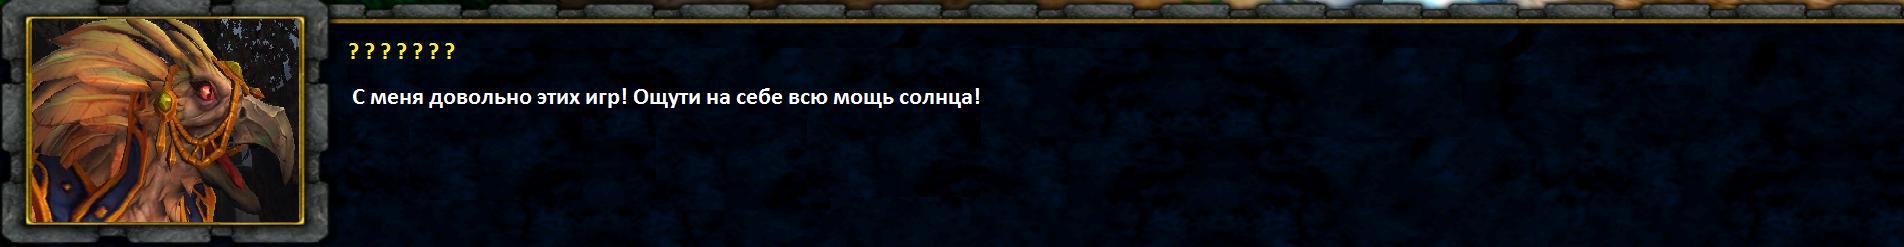 диалог Дорикус комбат 8